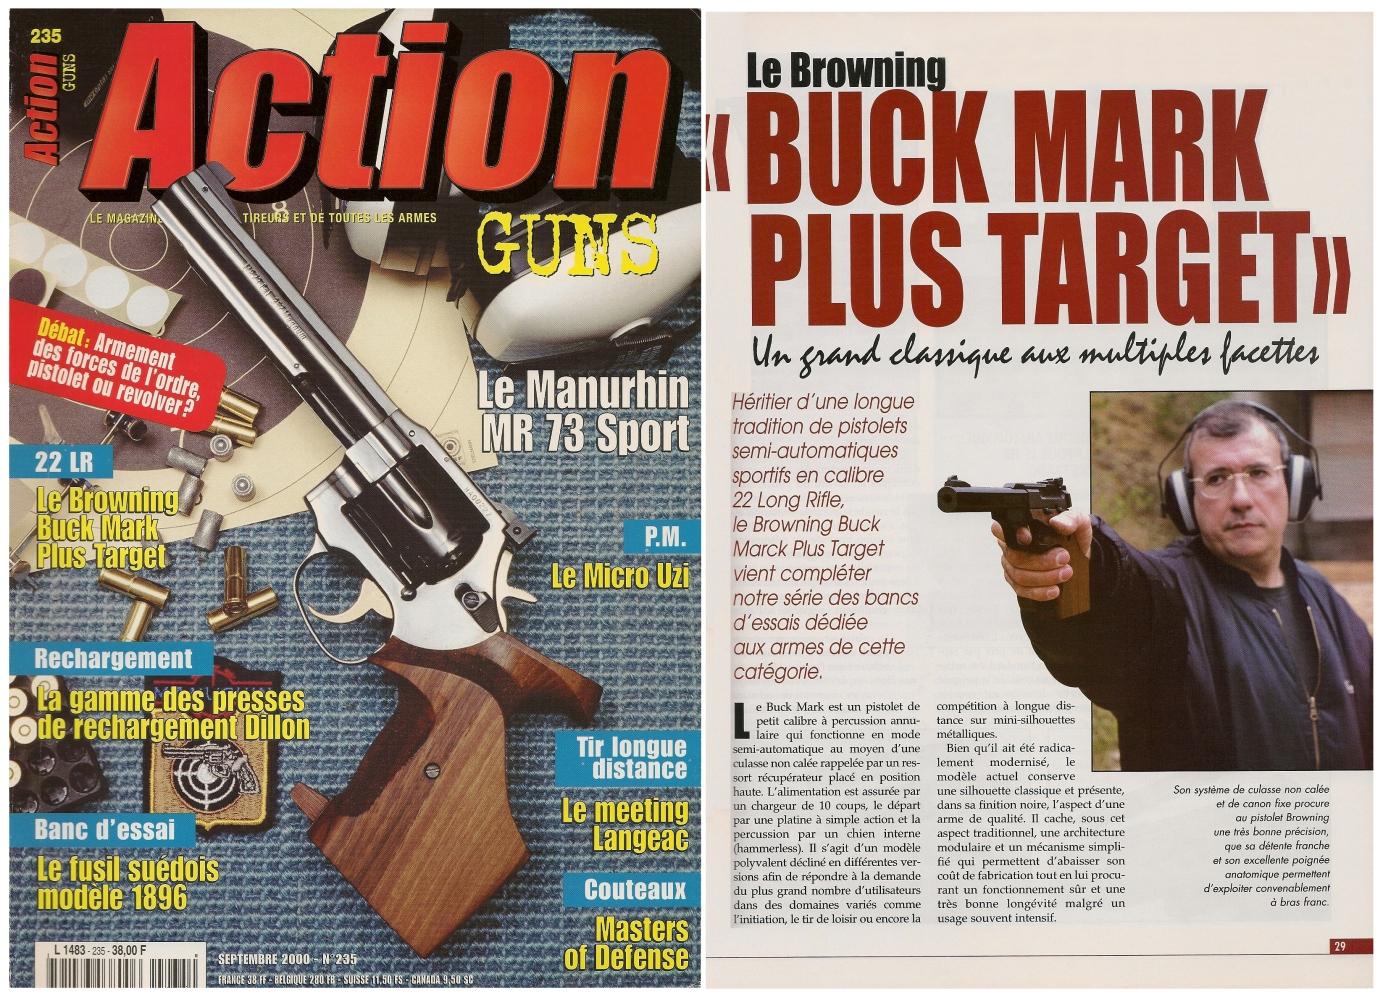 Le banc d'essai du pistolet Browning Buck Mark Plus Target a été publié sur 6 pages dans le magazine Action Guns n° 235 (septembre 2000).